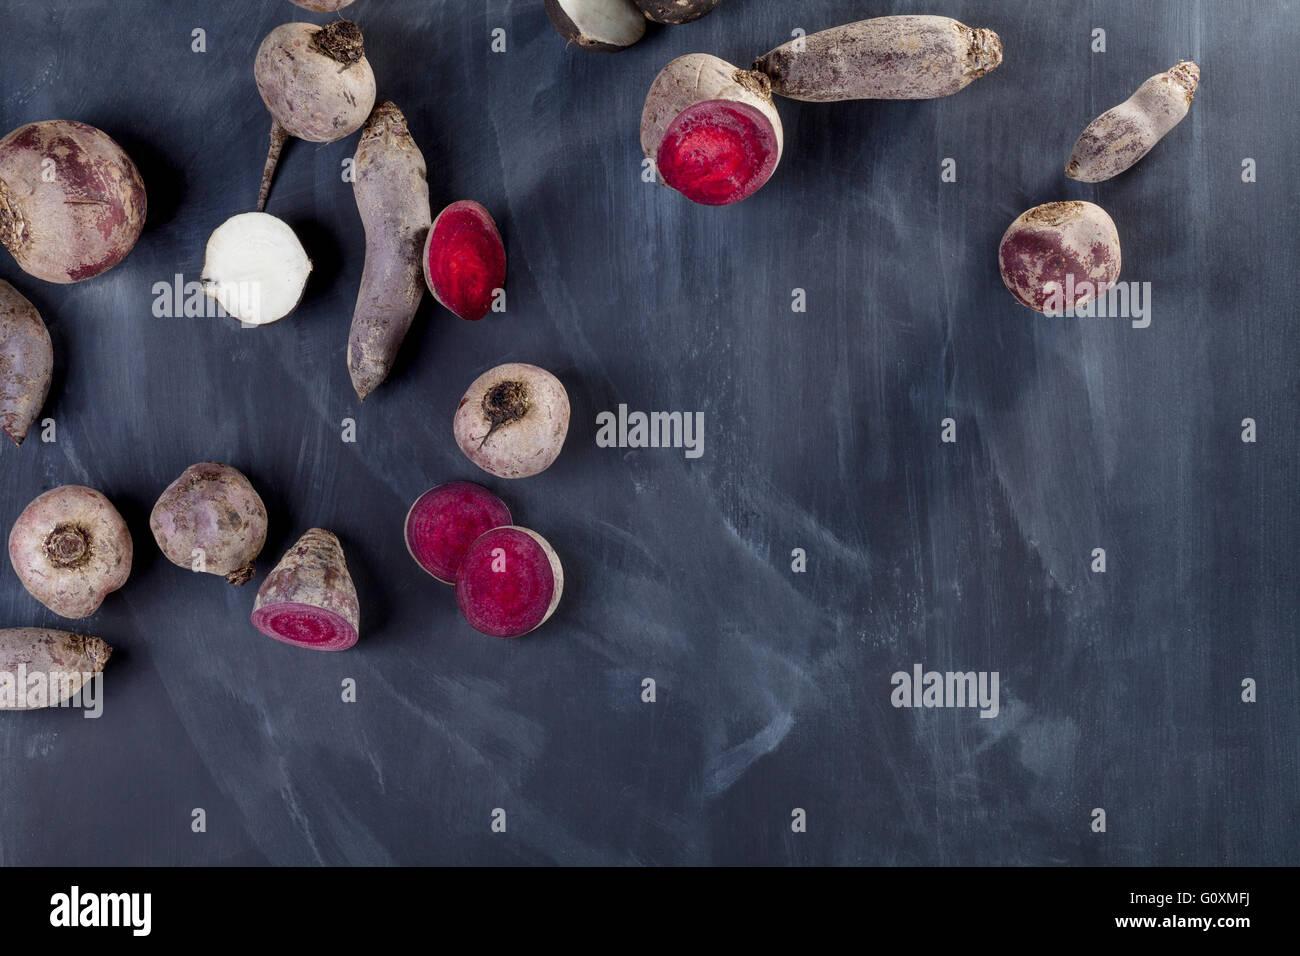 Barbabietole e rape tagliate a fette sulla lavagna dalla parte superiore Immagini Stock